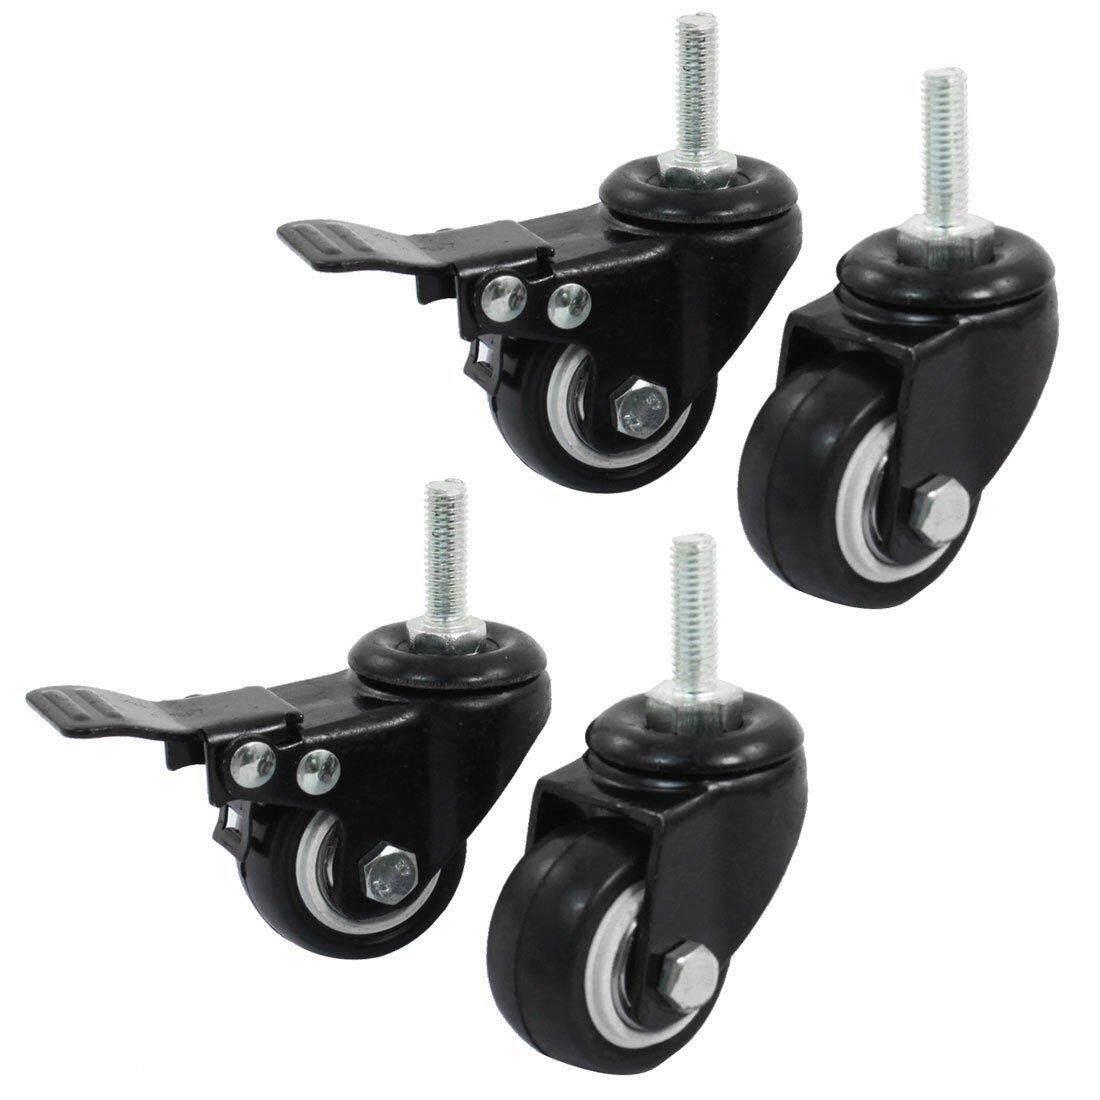 Shopping Wheel Trolley Brake Swivel Caster, 1.5-Inch, Black, 4-Piece - intl